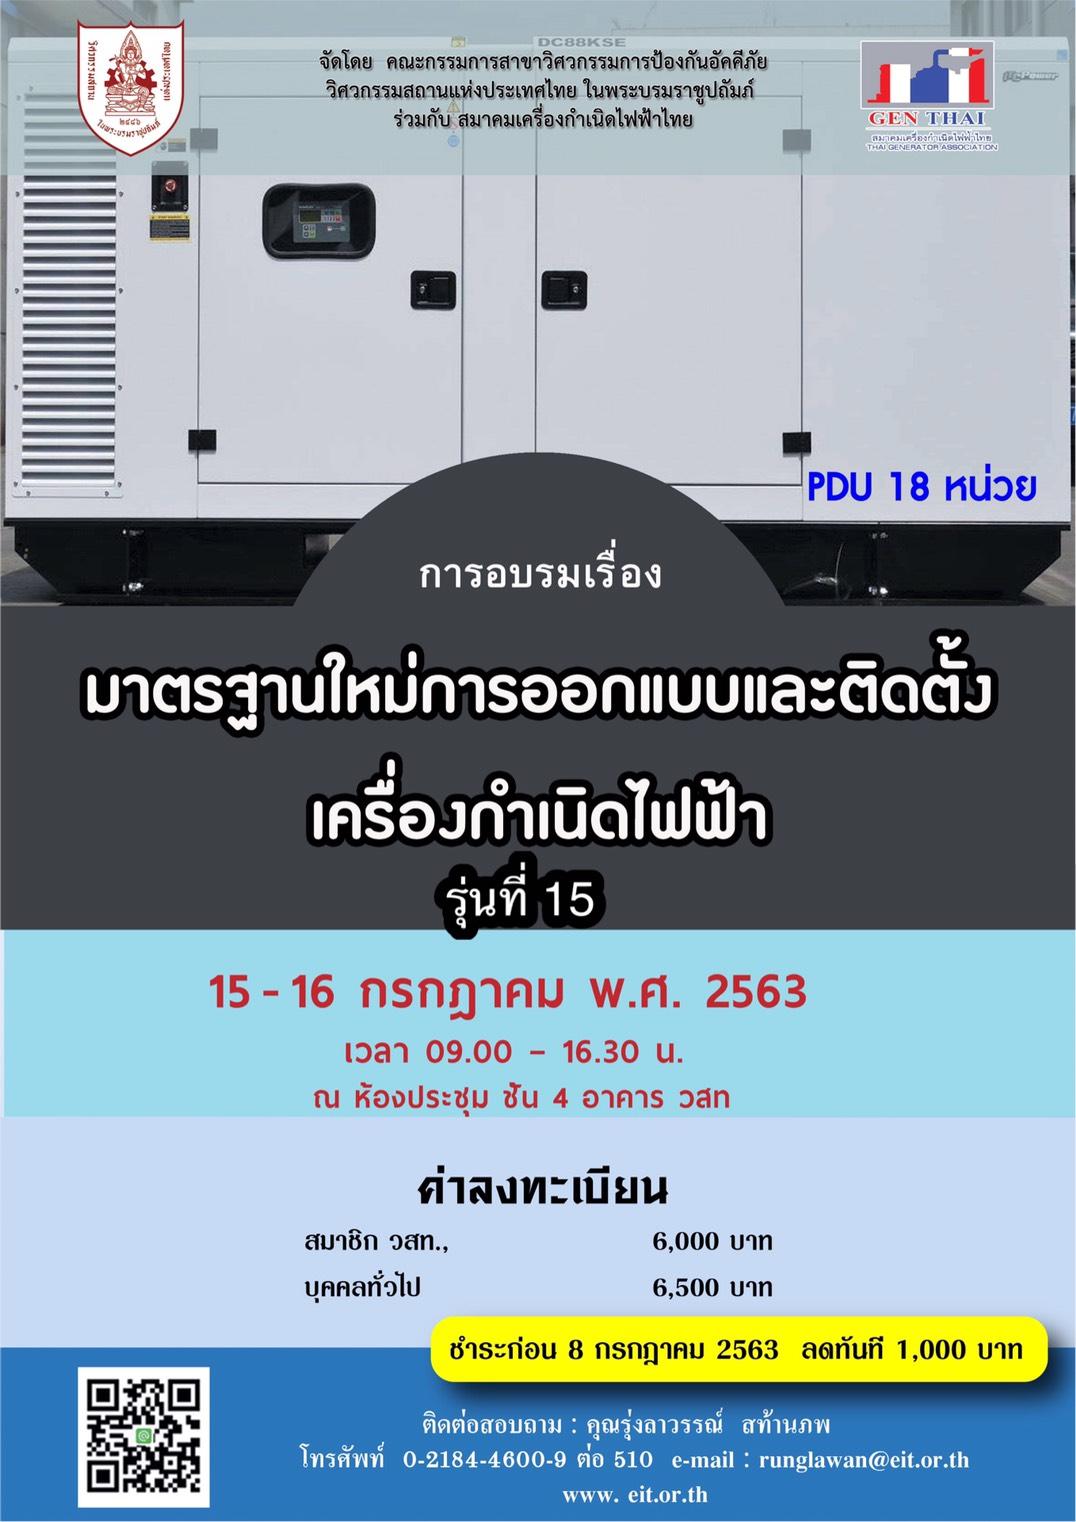 15-16/07/2563 การอบรมเรื่อง มาตรฐานใหม่การออกแบบและติดตั้งเครื่องกำเนิดไฟฟ้า รุ่นที่ 15